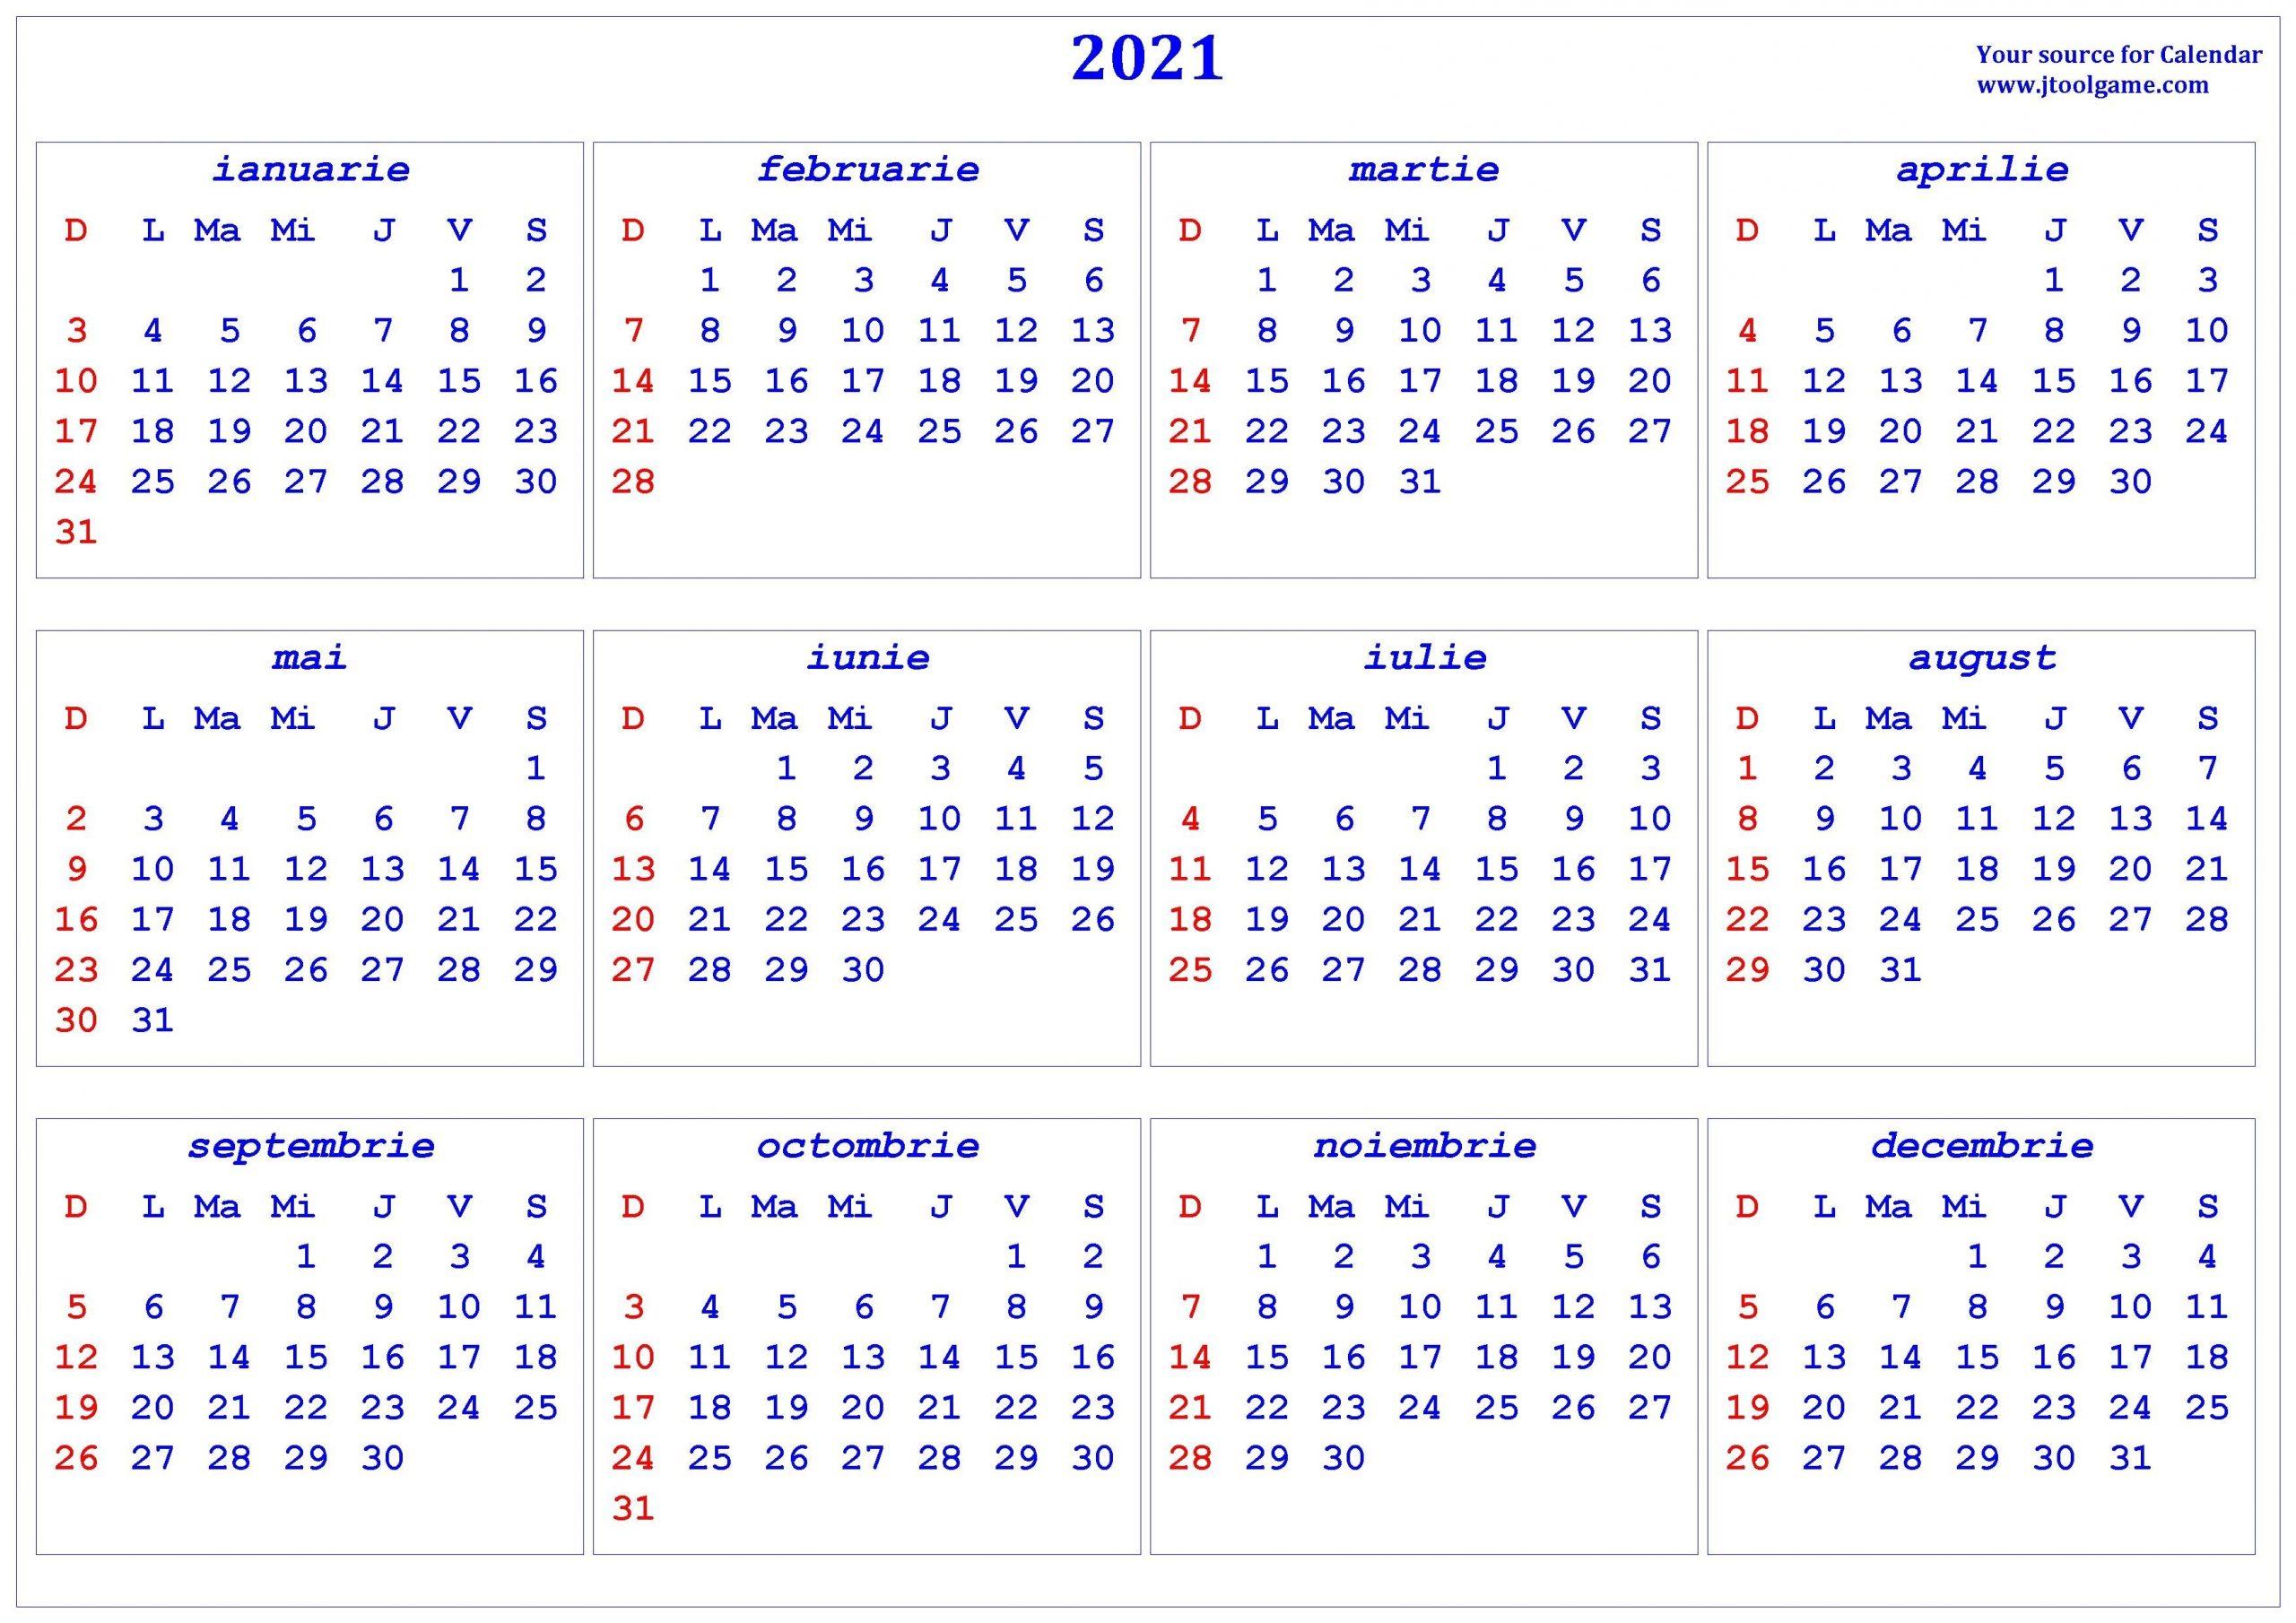 2021 Calendar - Printable Calendar With Romania Holidays throughout Calendar Romania Zile Libere 2021 Image